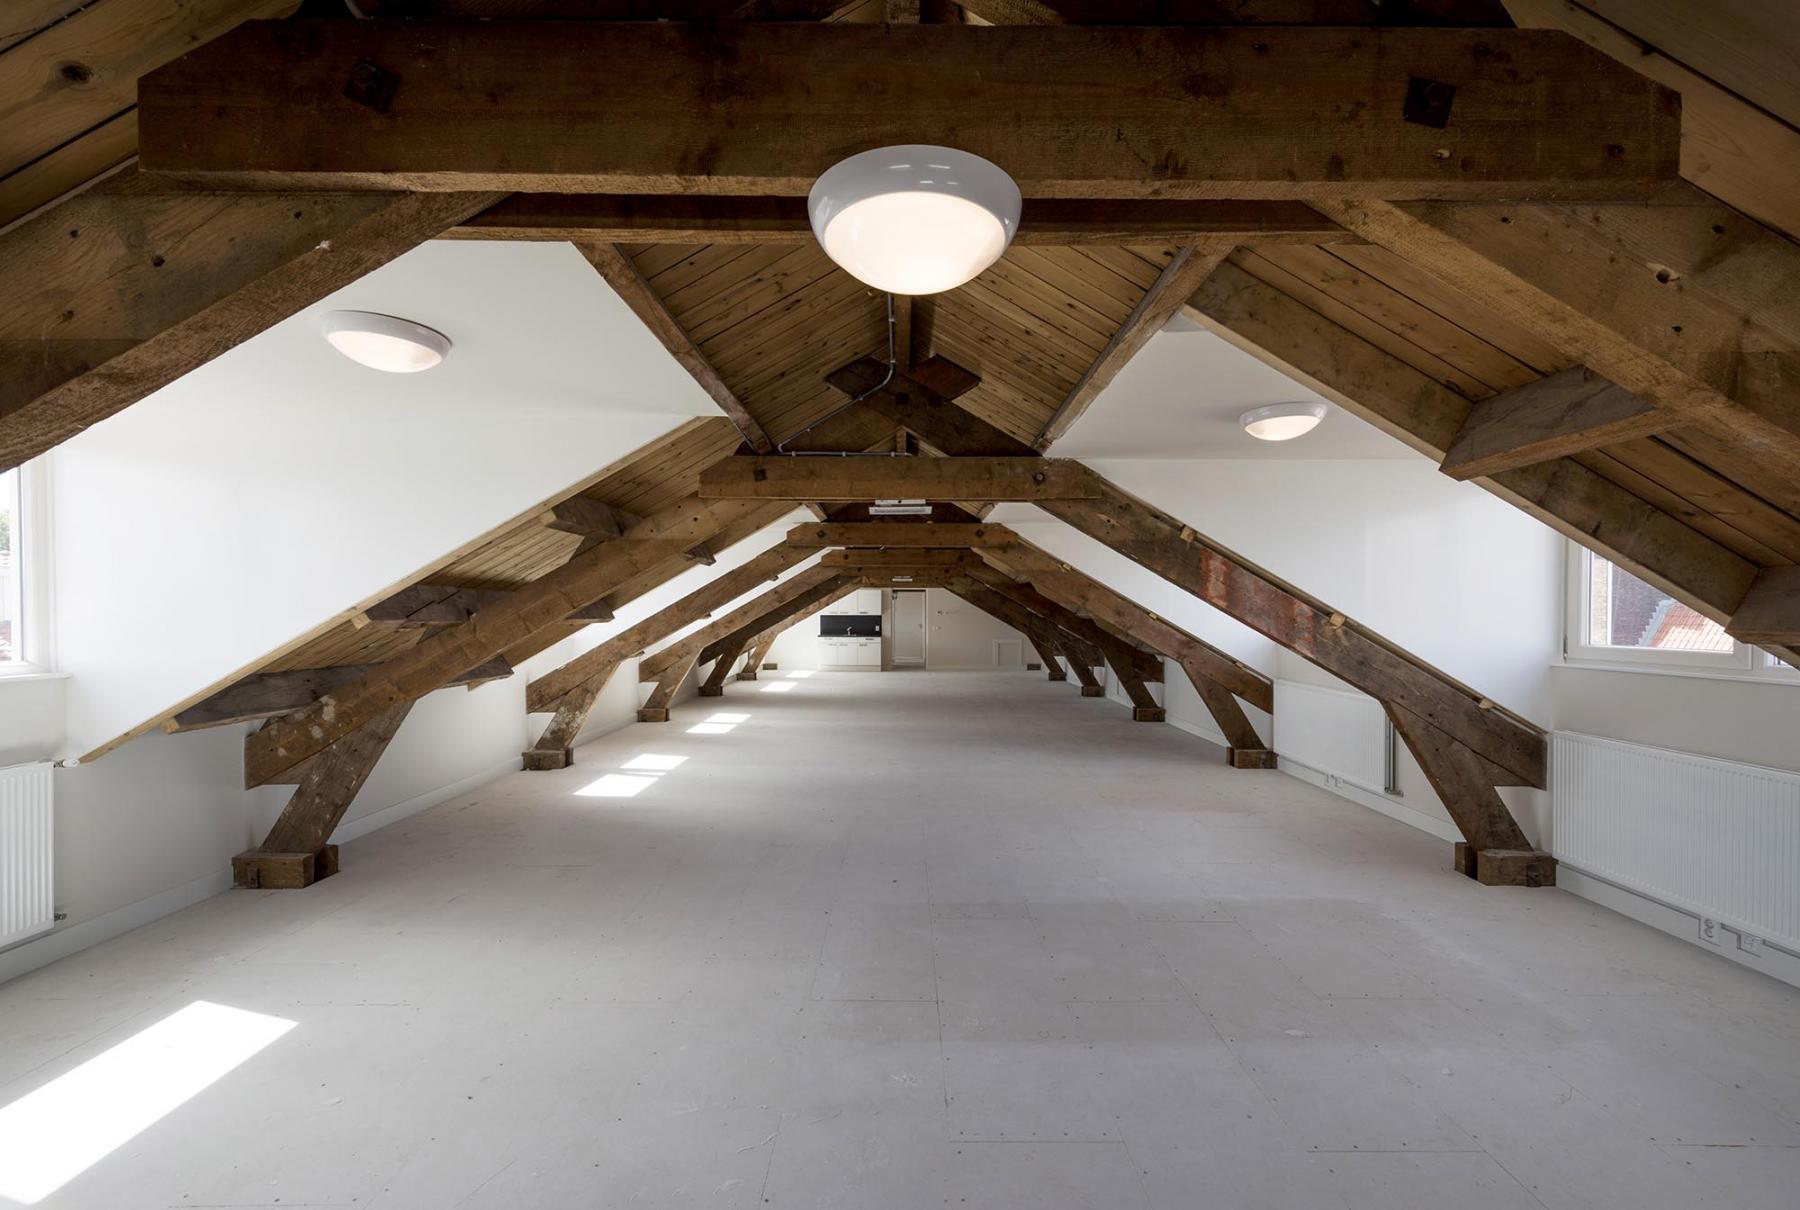 kantoorpand kantoorruimte hout balken lamp